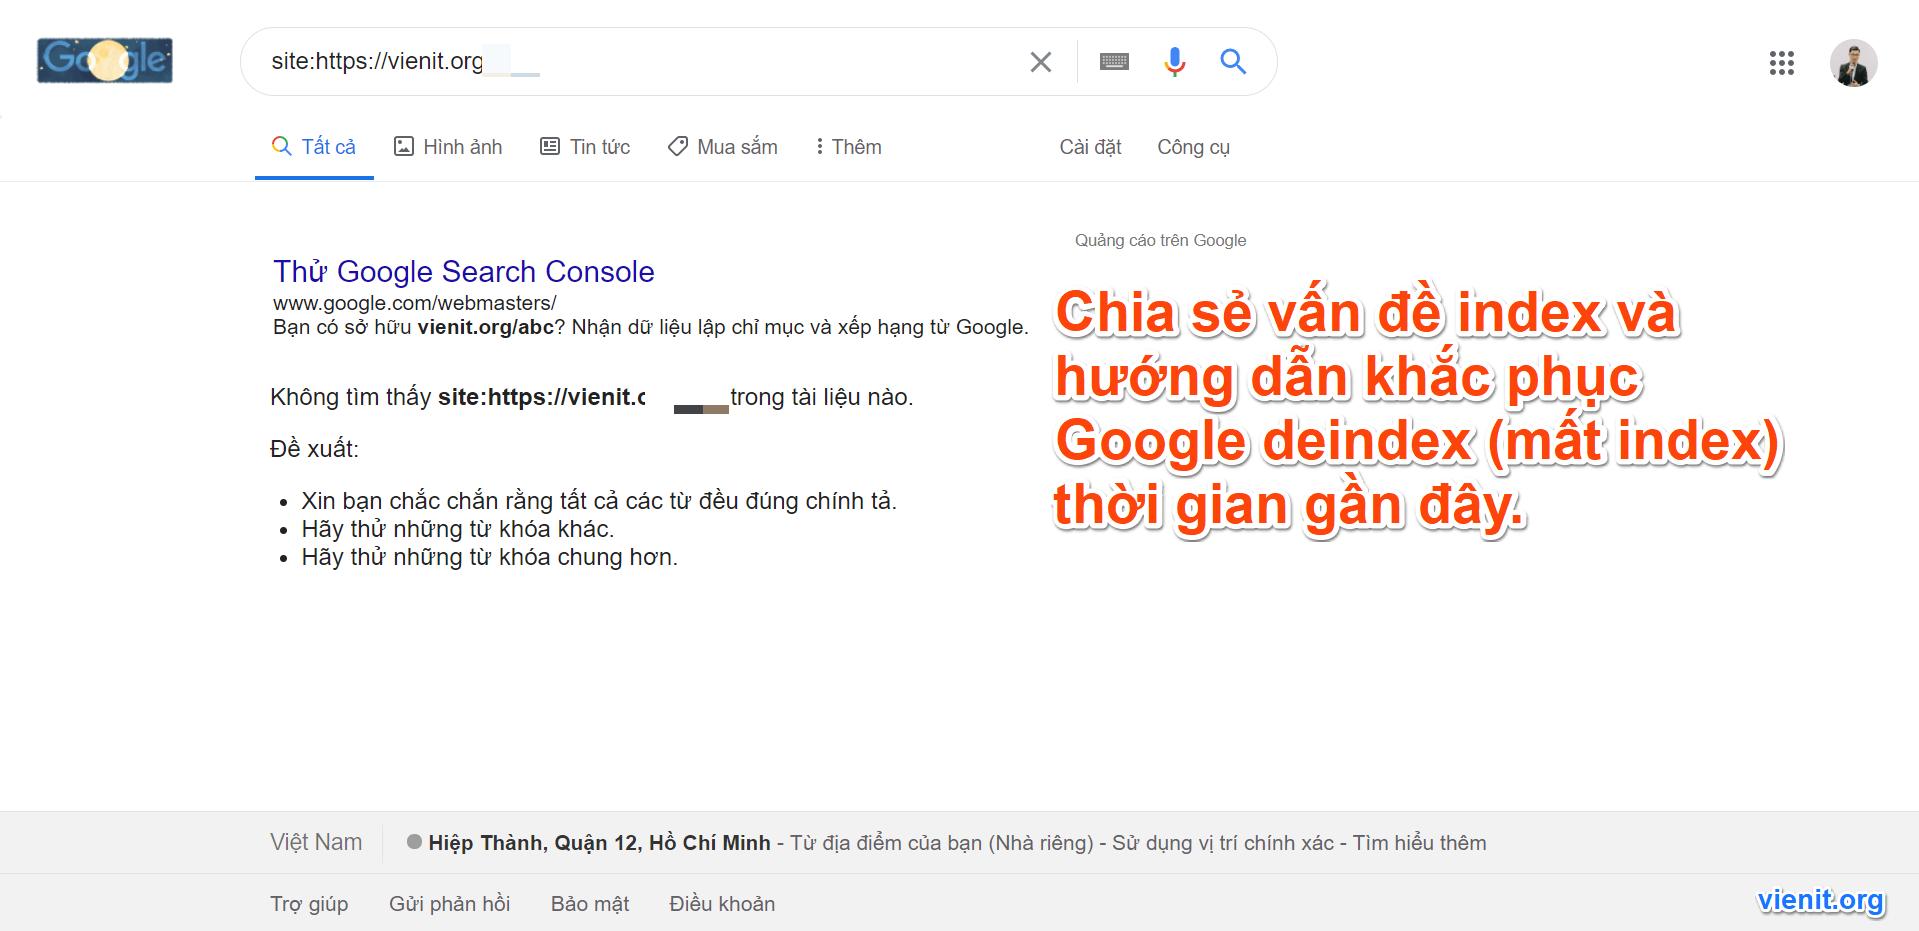 Chia sẻ vấn đề index và hướng dẫn khắc phục Google deindex (mất index) thời gian gần đây.